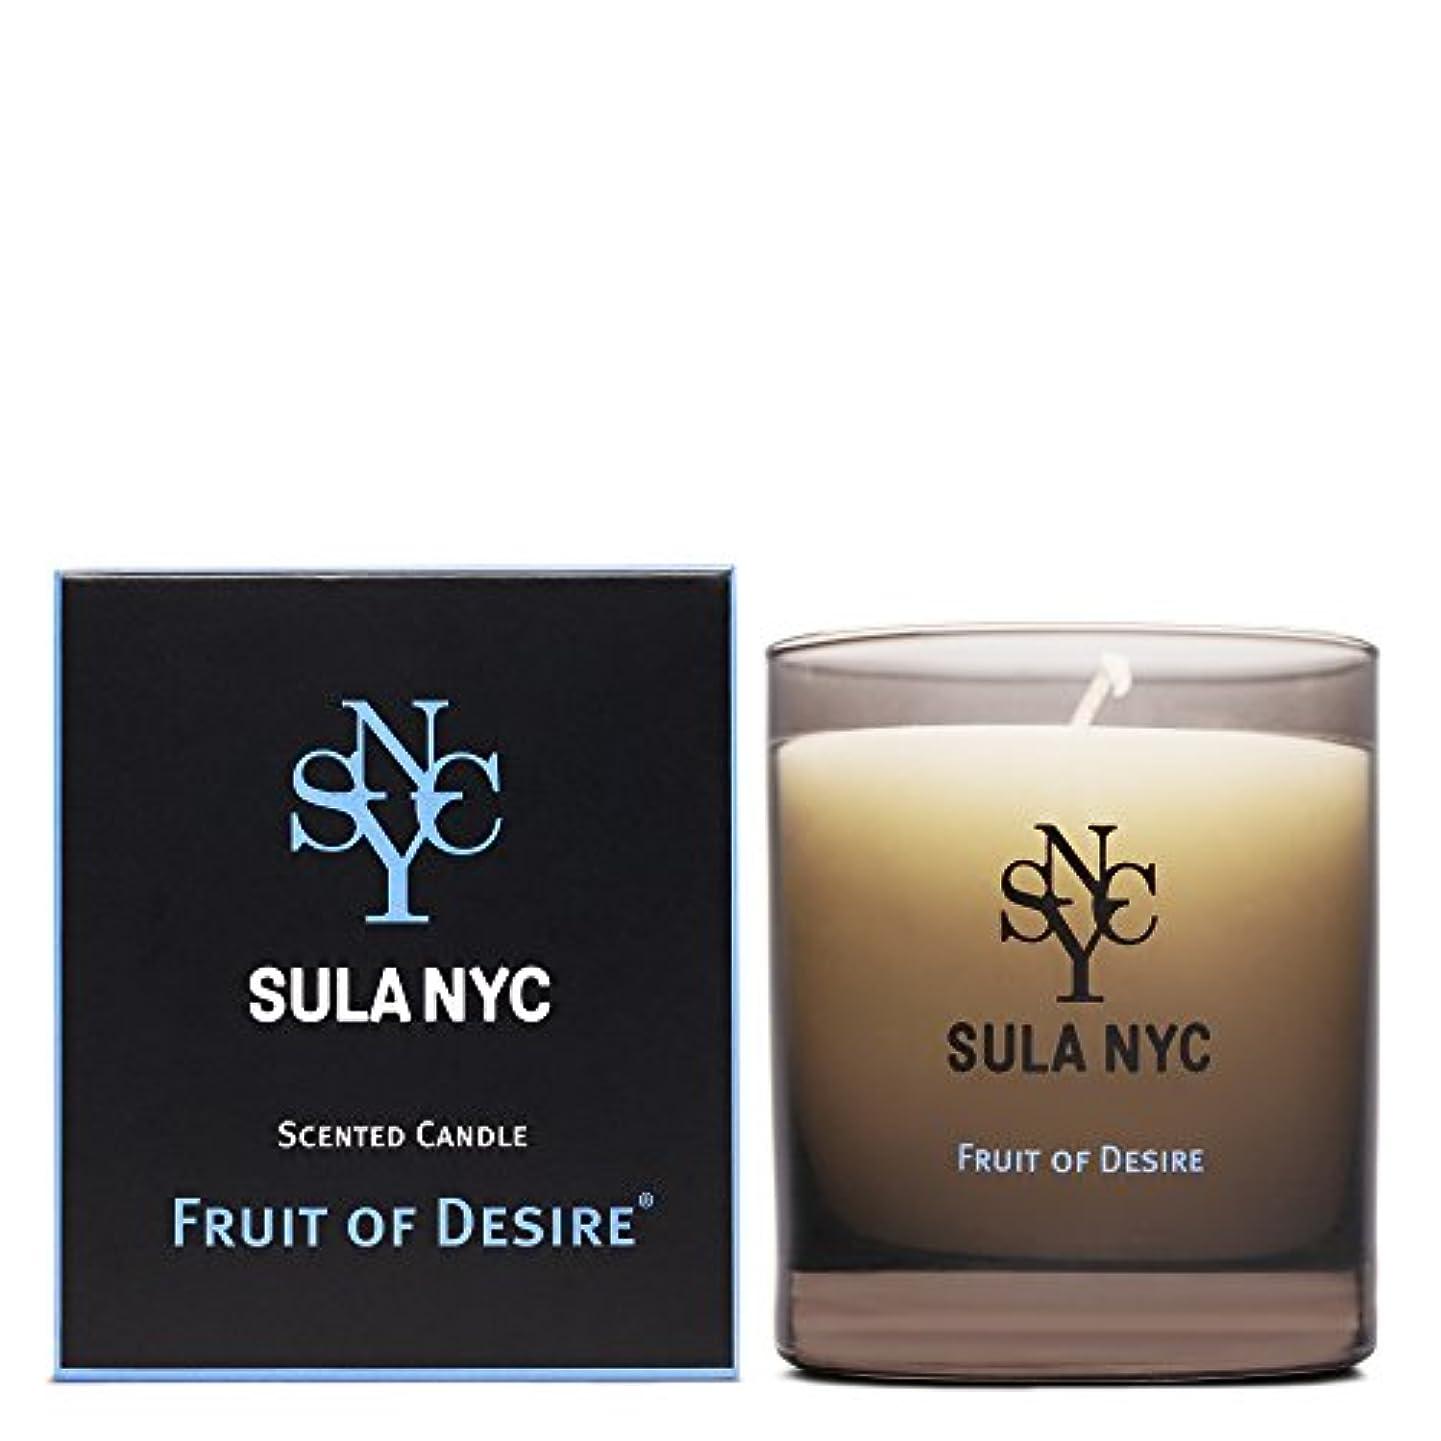 子供達不名誉状態SULA NYC SCENTED CANDLE FRIT OF DESIRE スーラNYC センティッドキャンドル フルーツ?オブ?ディザイアー